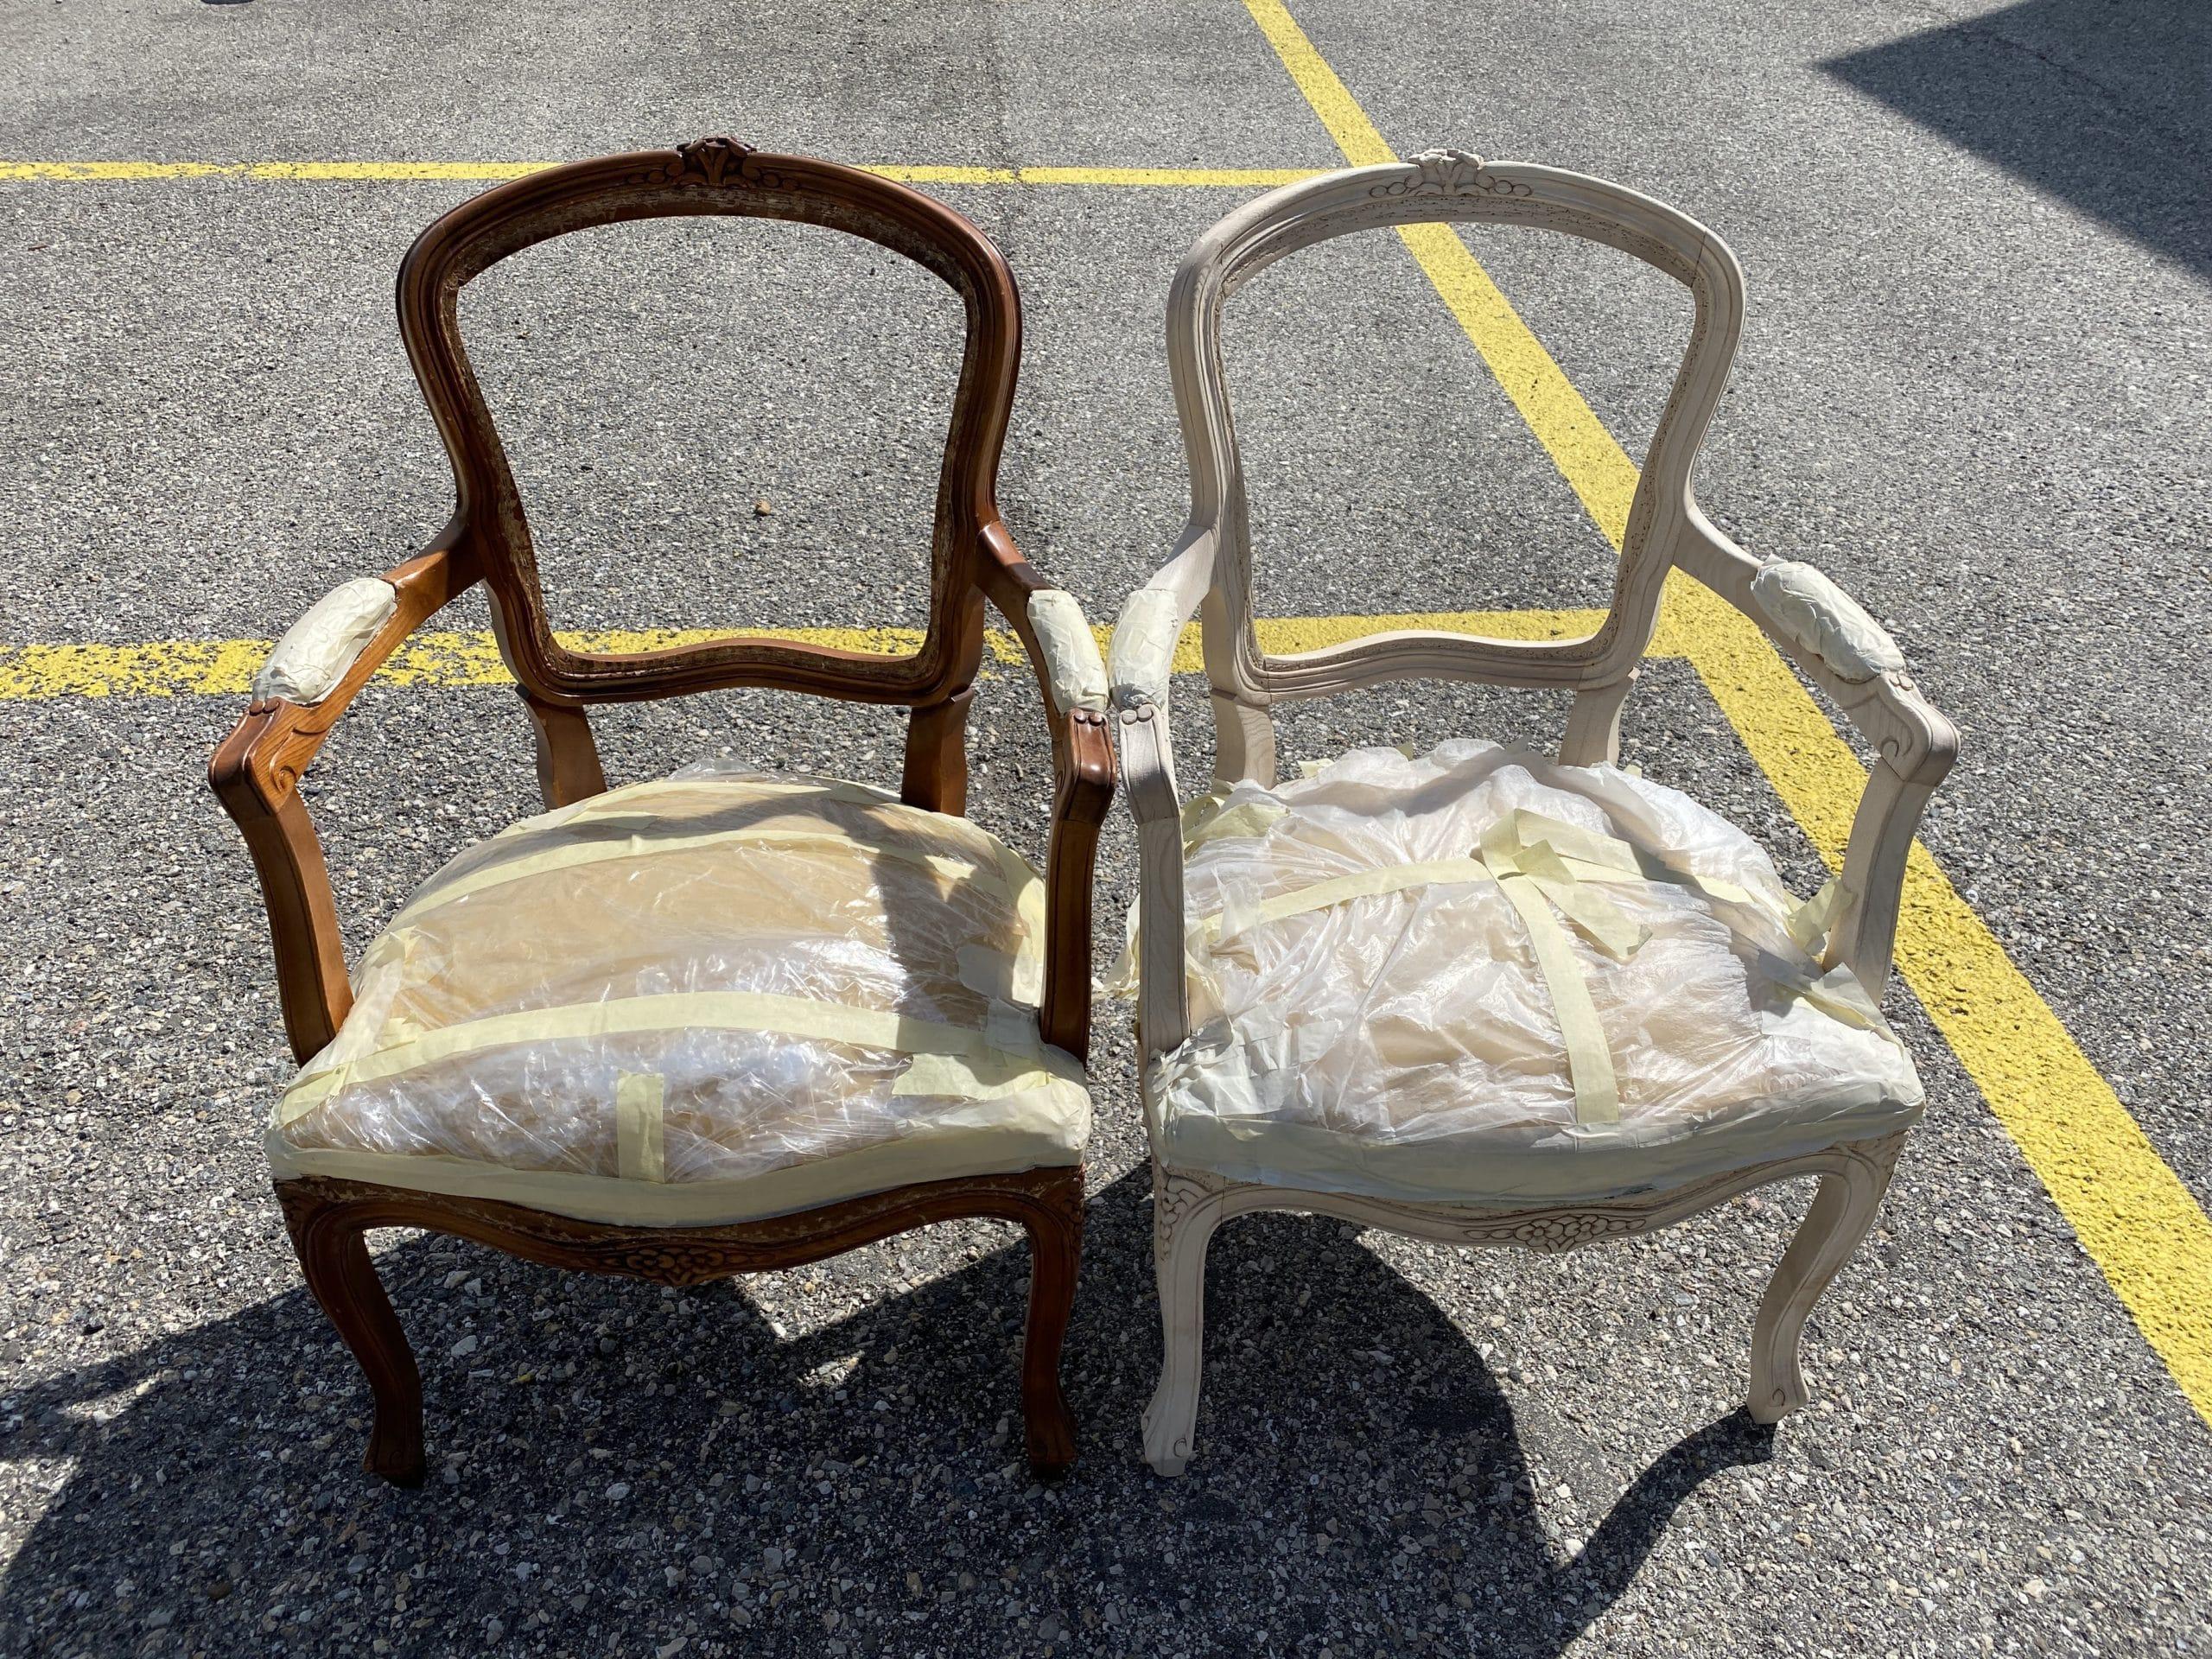 Comparaison entre les 2 chaises avant/et après aérogommage